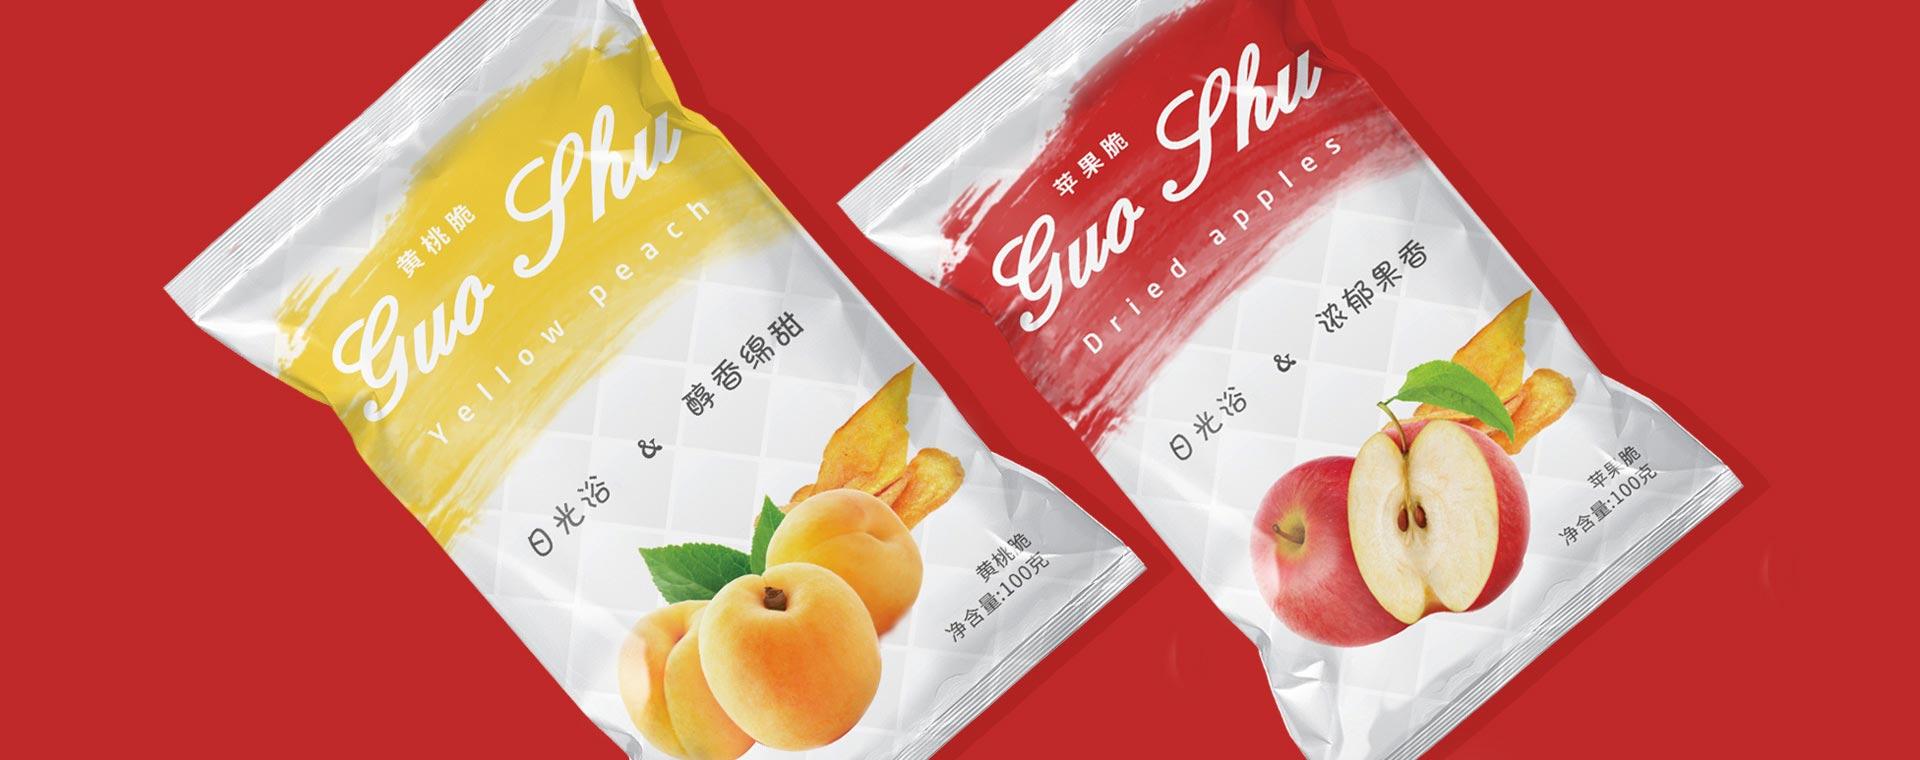 武汉农产品包装设计-特色农产品包装设计方案